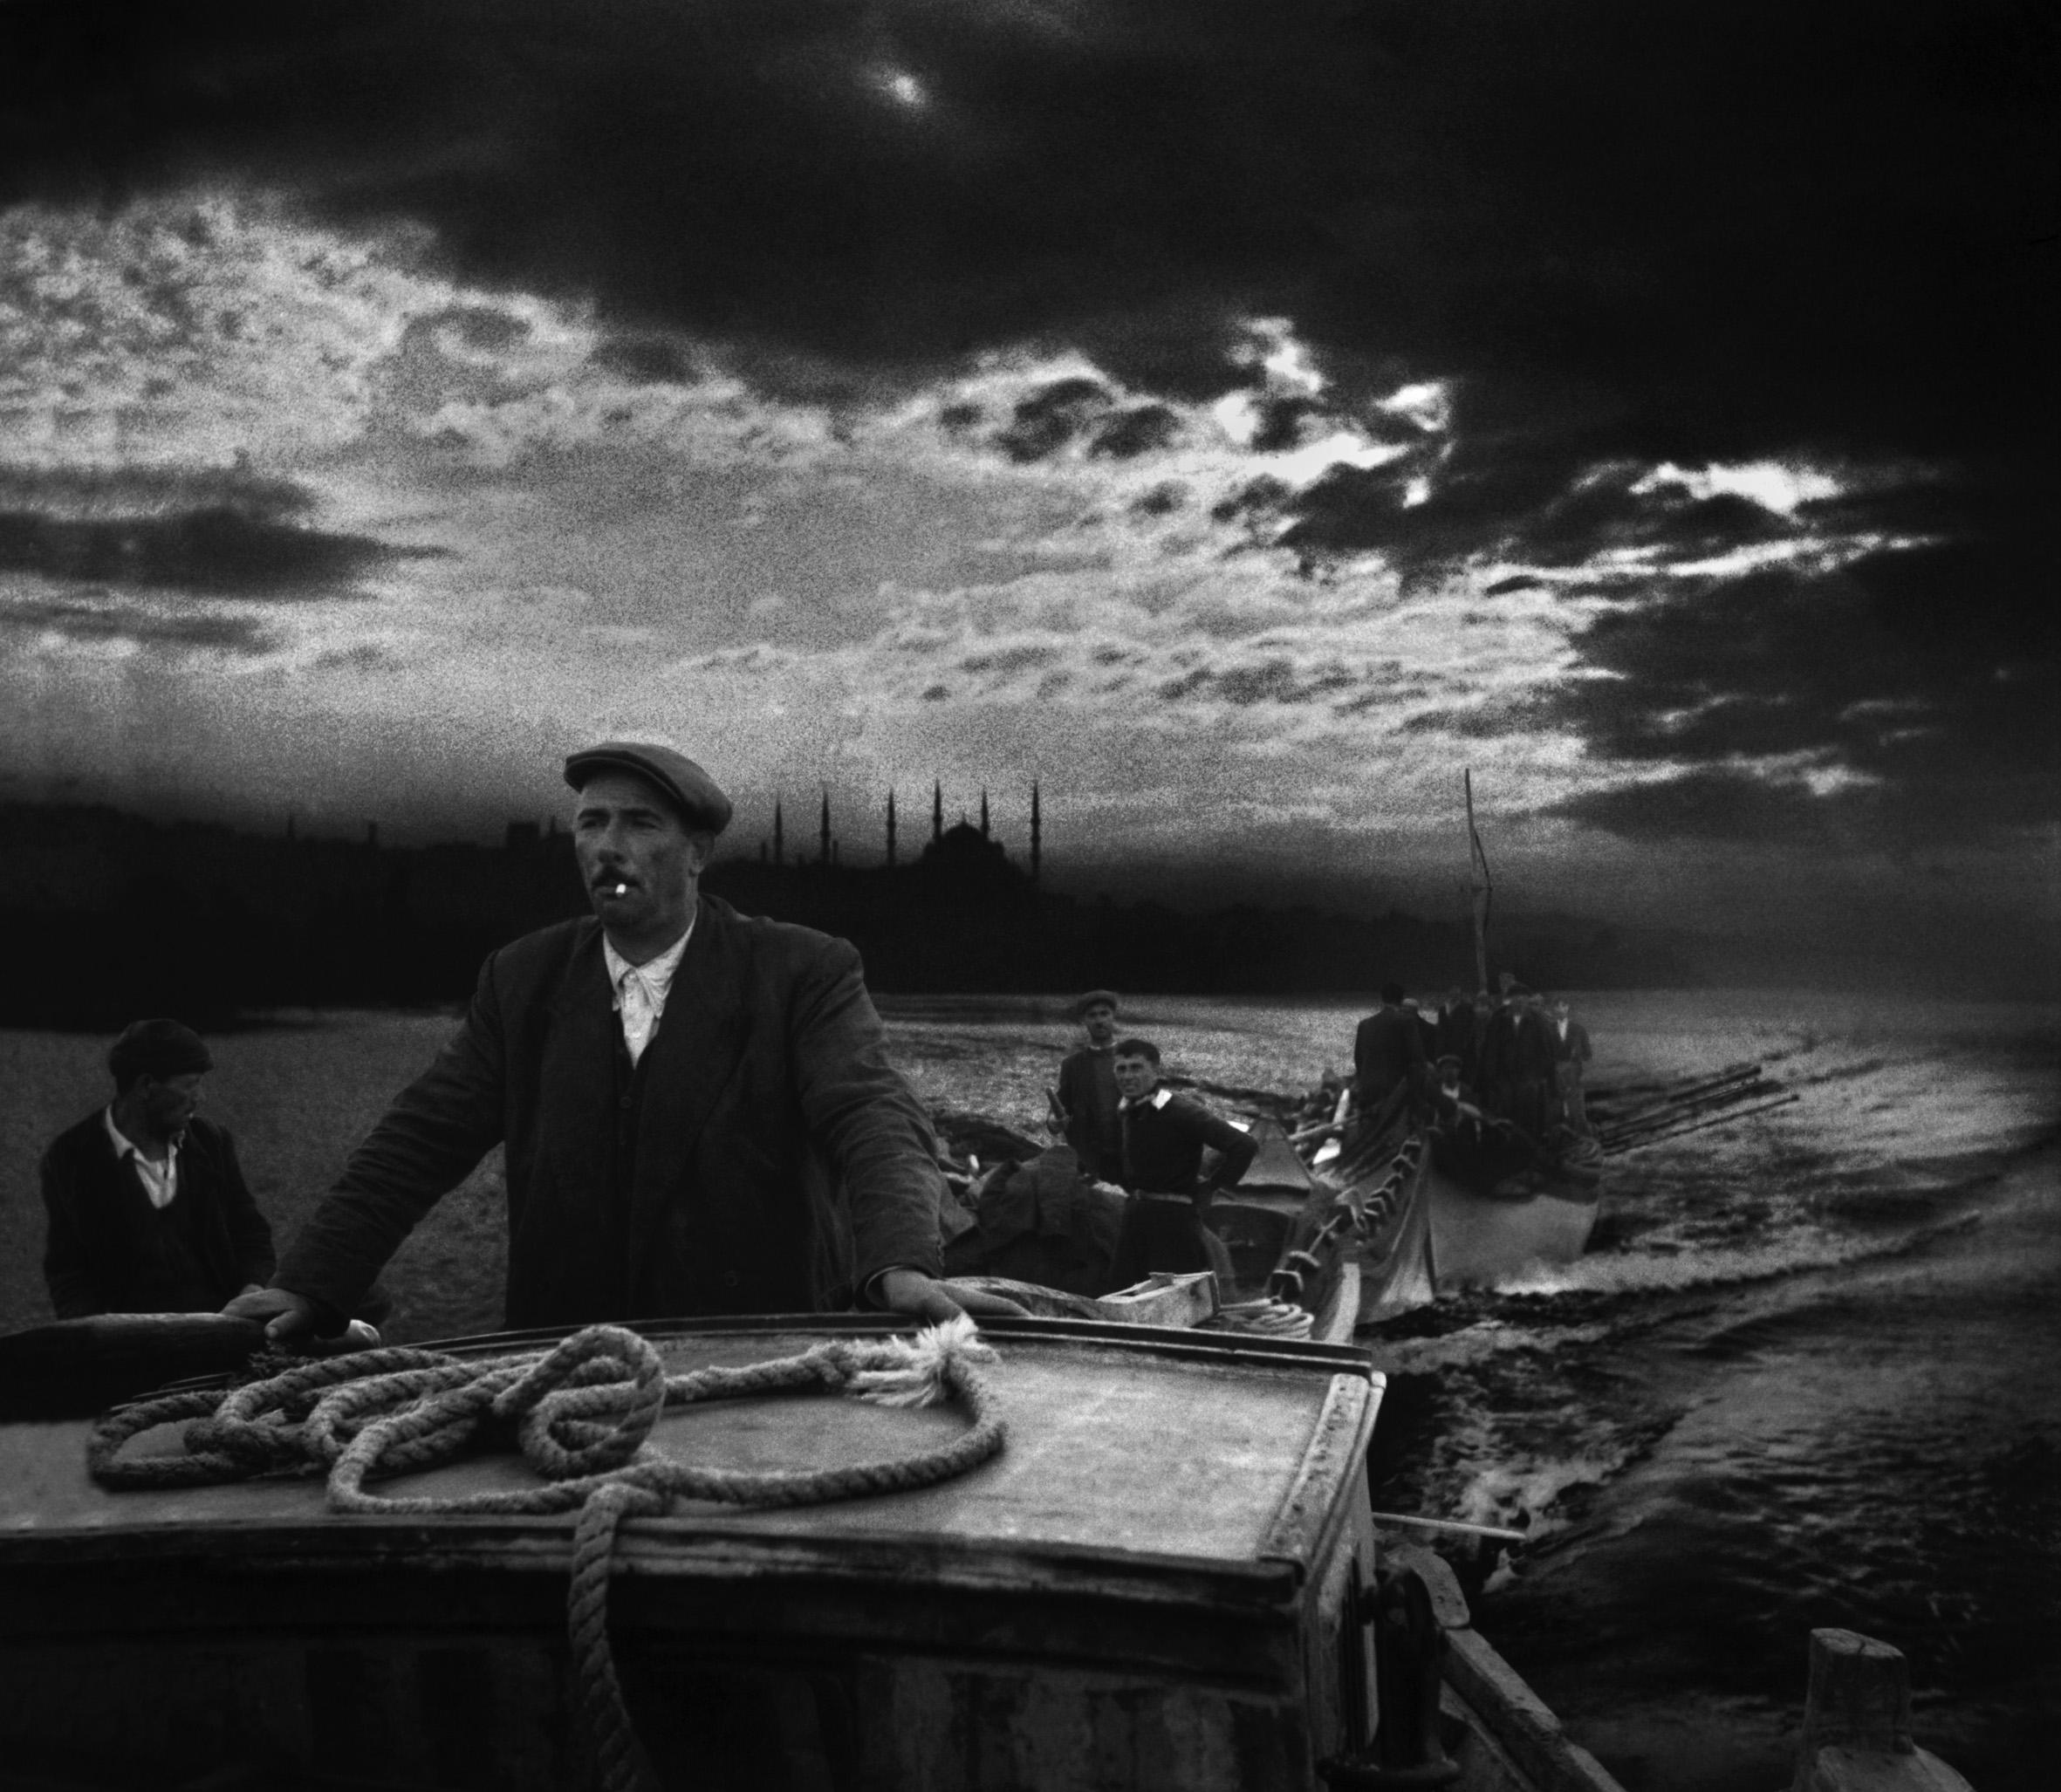 Ara Guler, Kumkapi, 1950